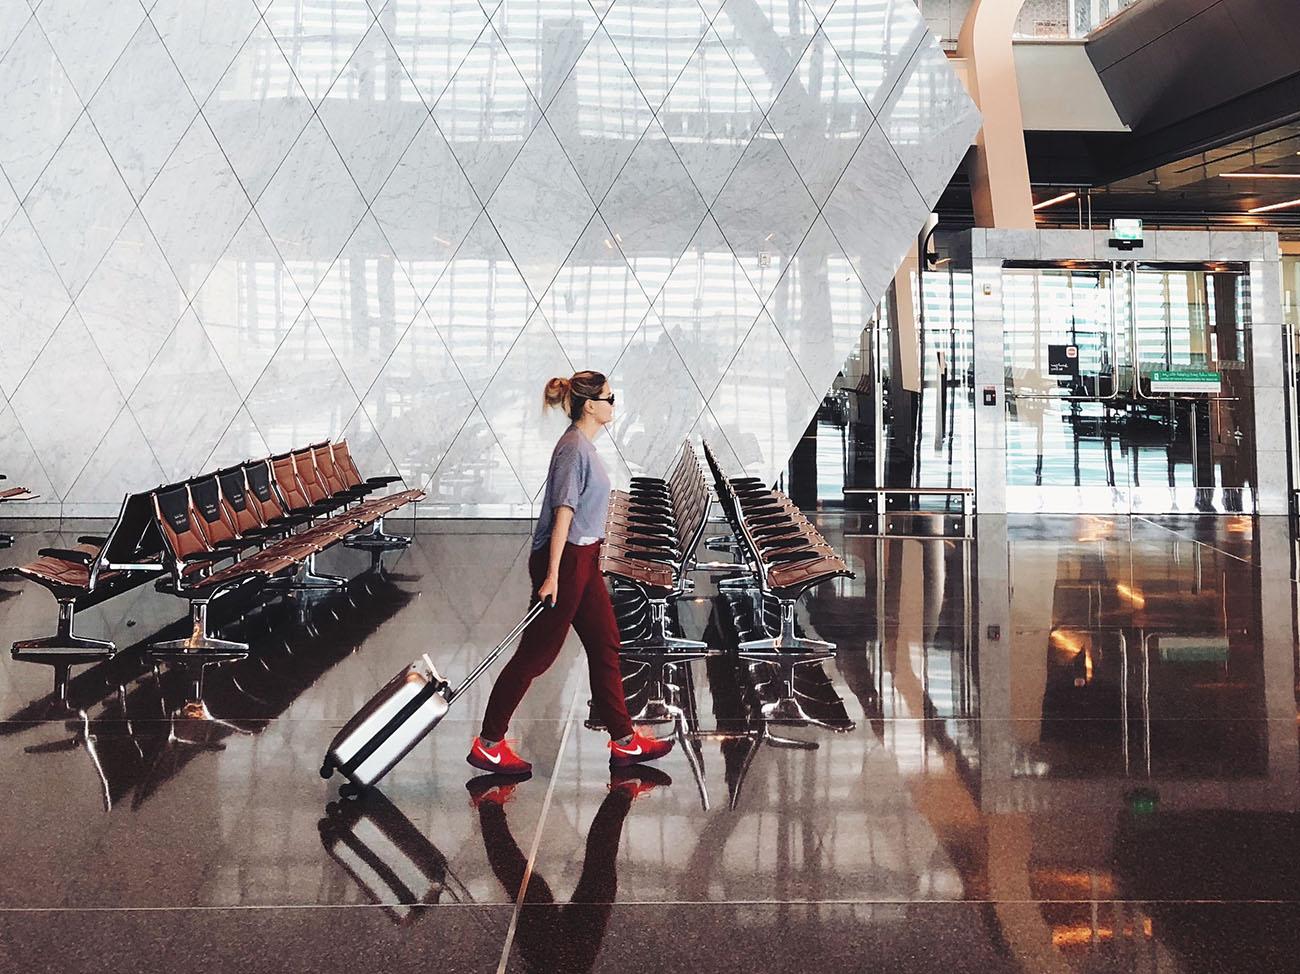 Frau läuft mit Koffer und roten Schuhen in Flughafen